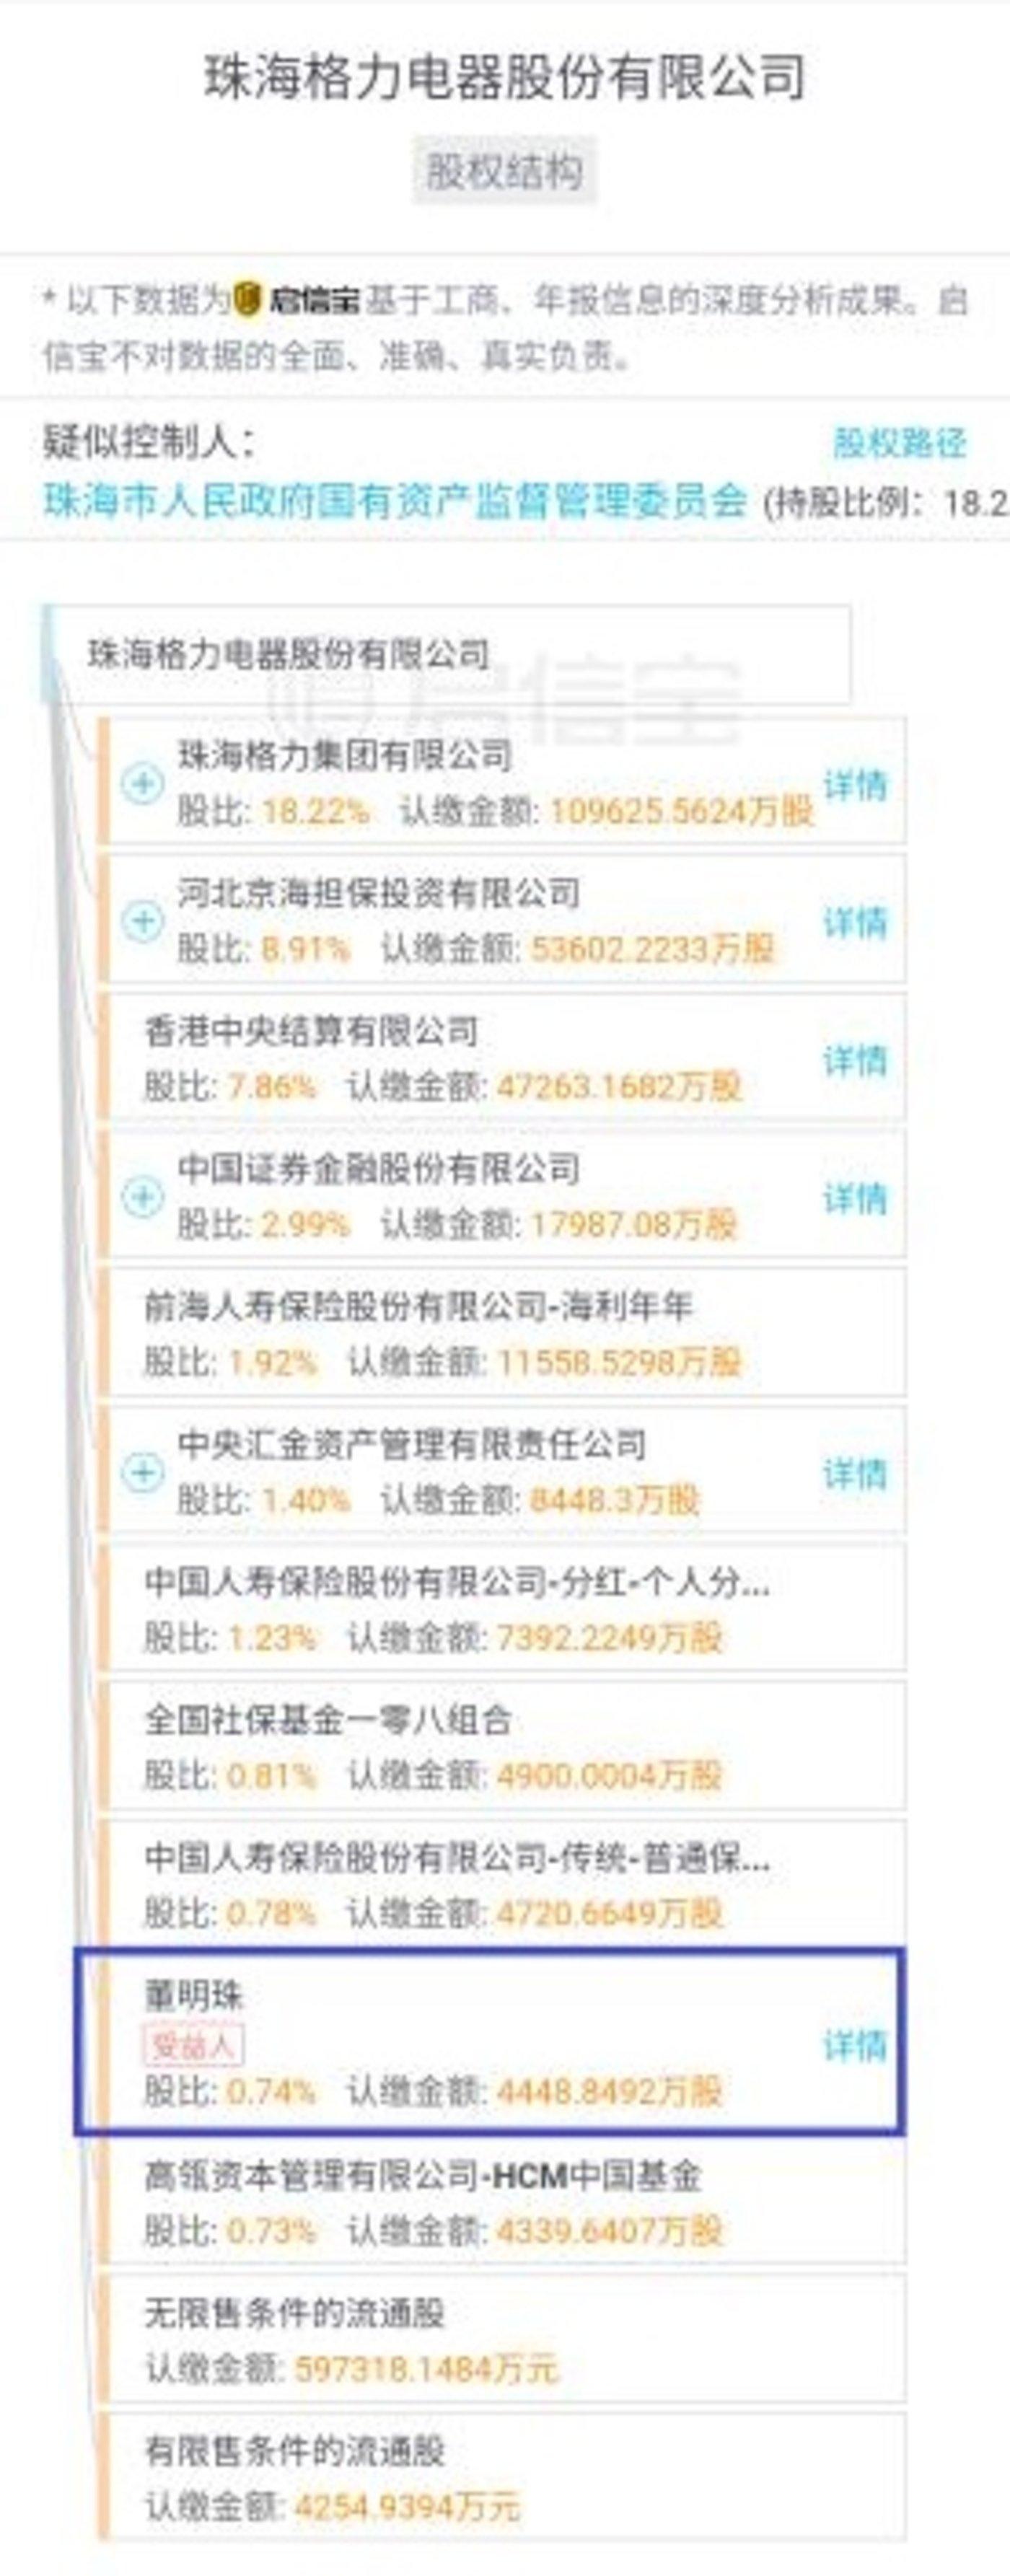 """格力电器股东一览(来源""""某企业信息查询平台"""")"""